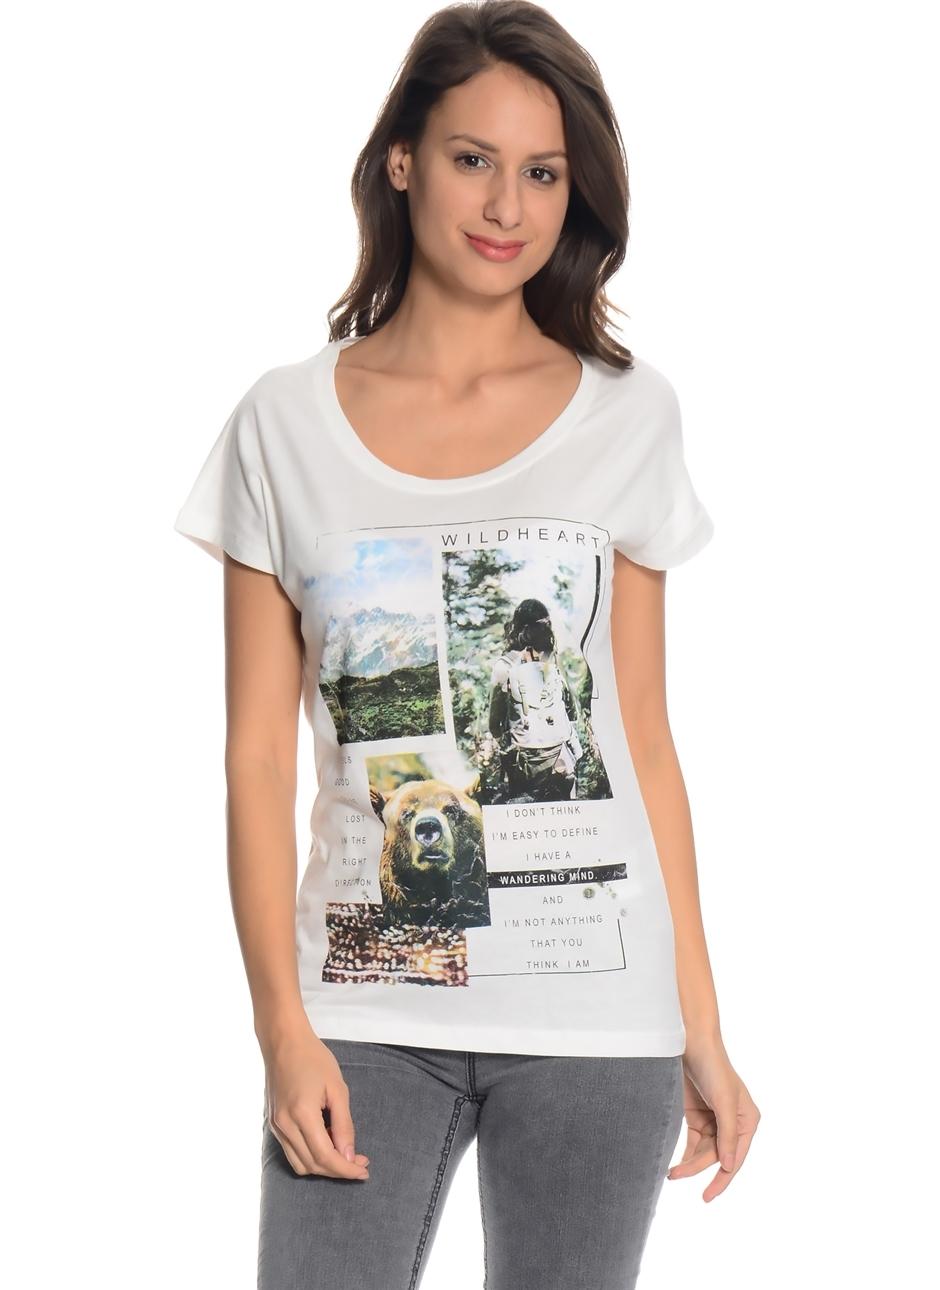 Vero Moda T-Shirt XS 5000140789004 Ürün Resmi